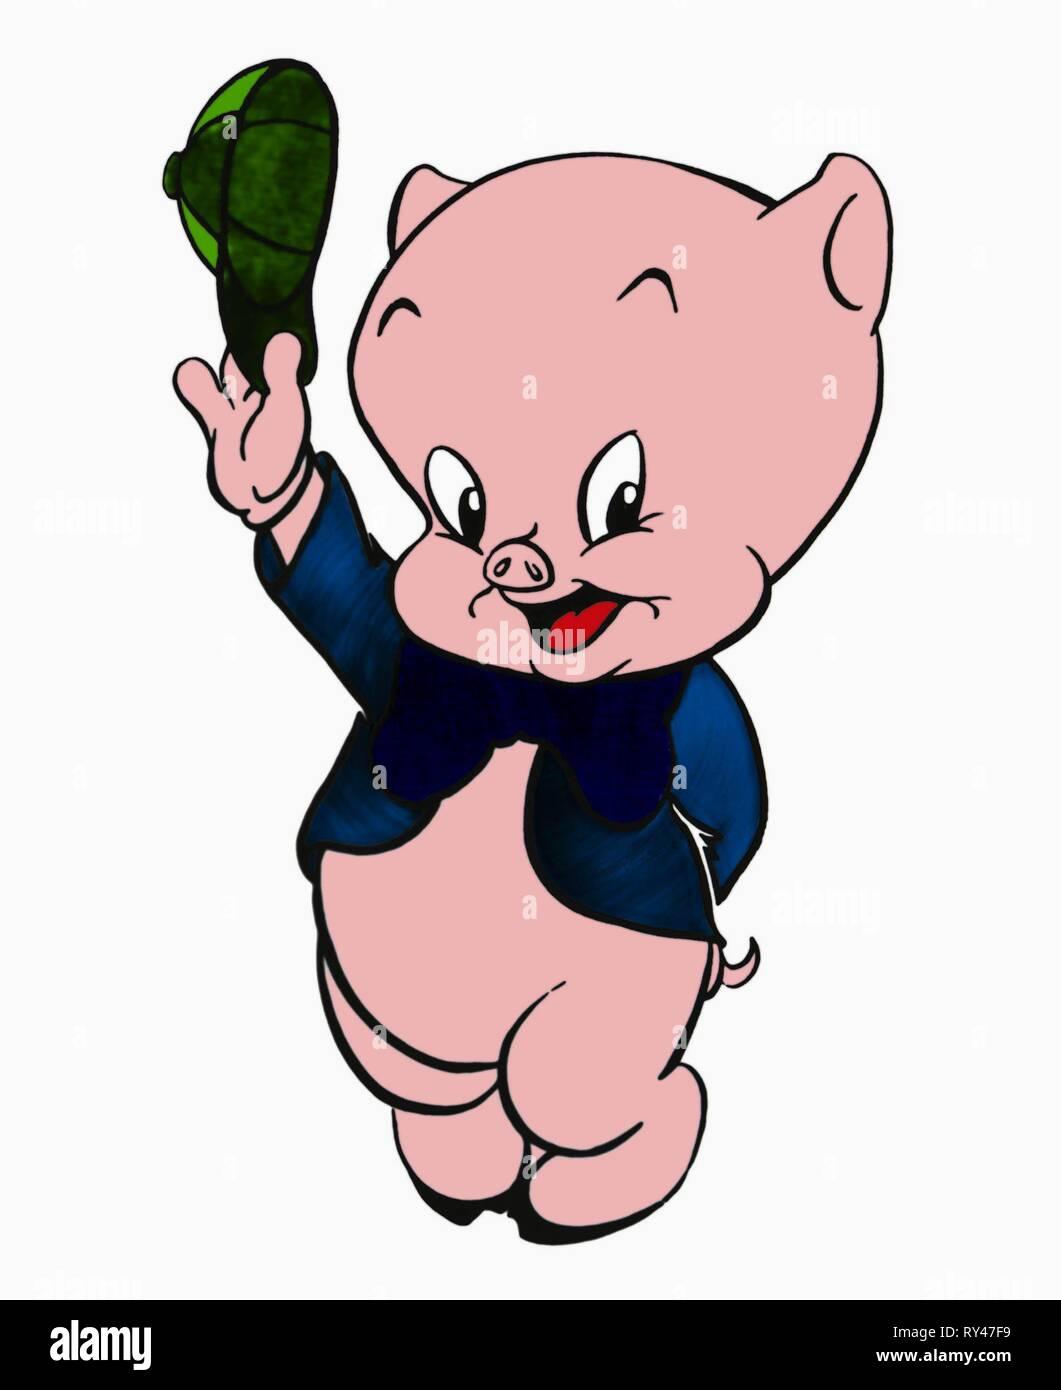 Porky Pig Stock Photos Porky Pig Stock Images Alamy